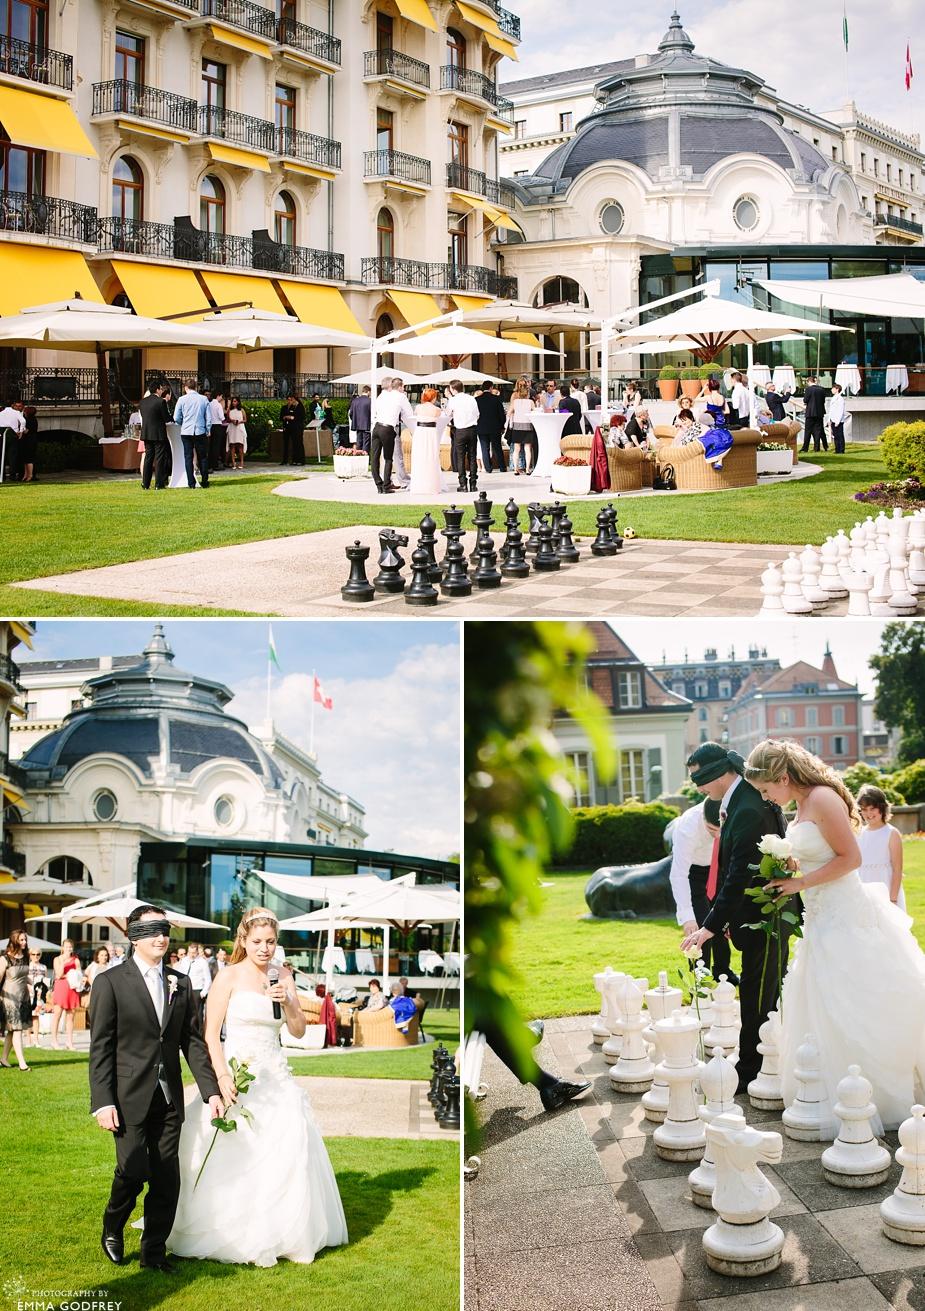 Beau-Rivage-Palace-Wedding_0019.jpg